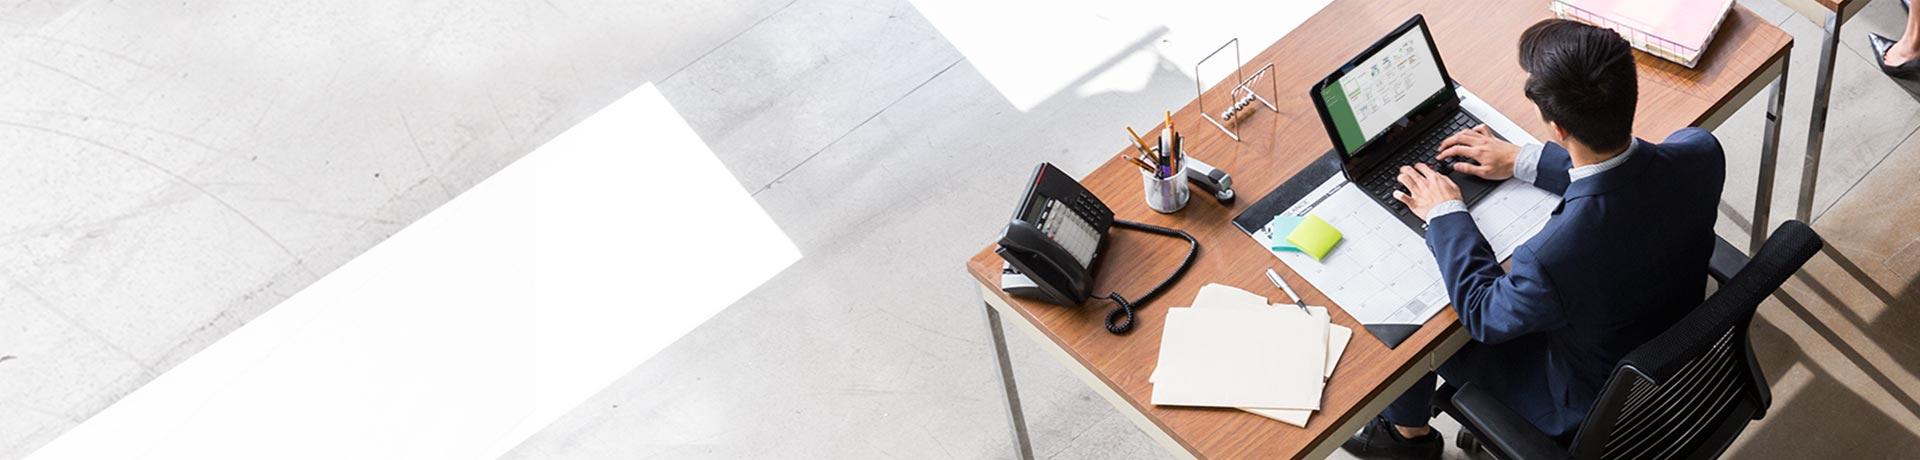 一位男士坐在办公桌前,用笔记本电脑处理 Microsoft Project 文件。